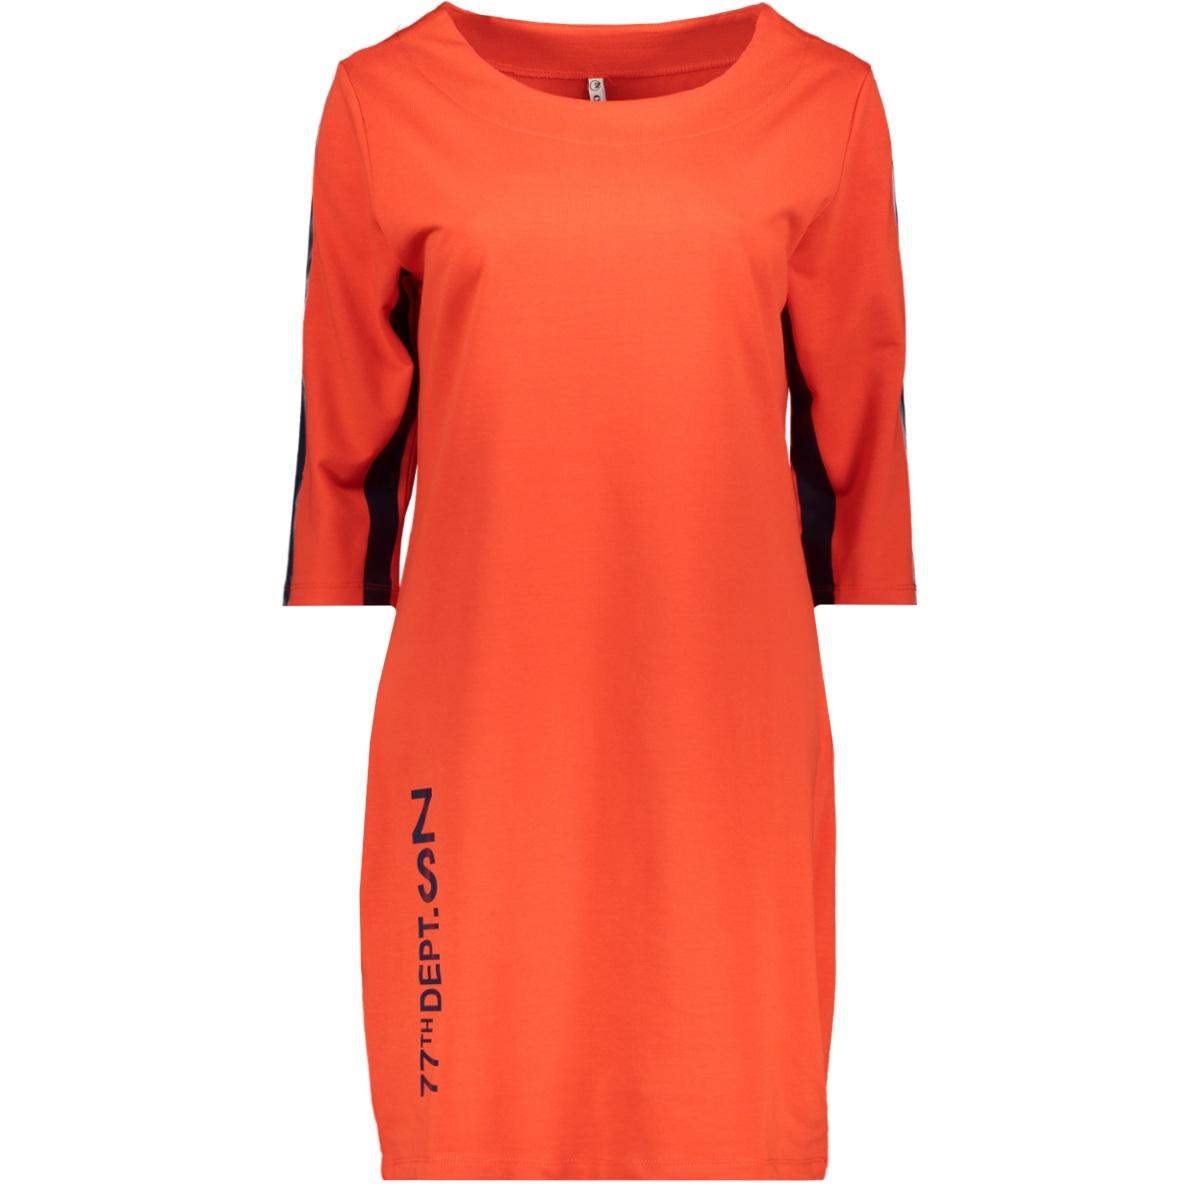 sporty tunic sr1925 zoso jurk orange red/navy